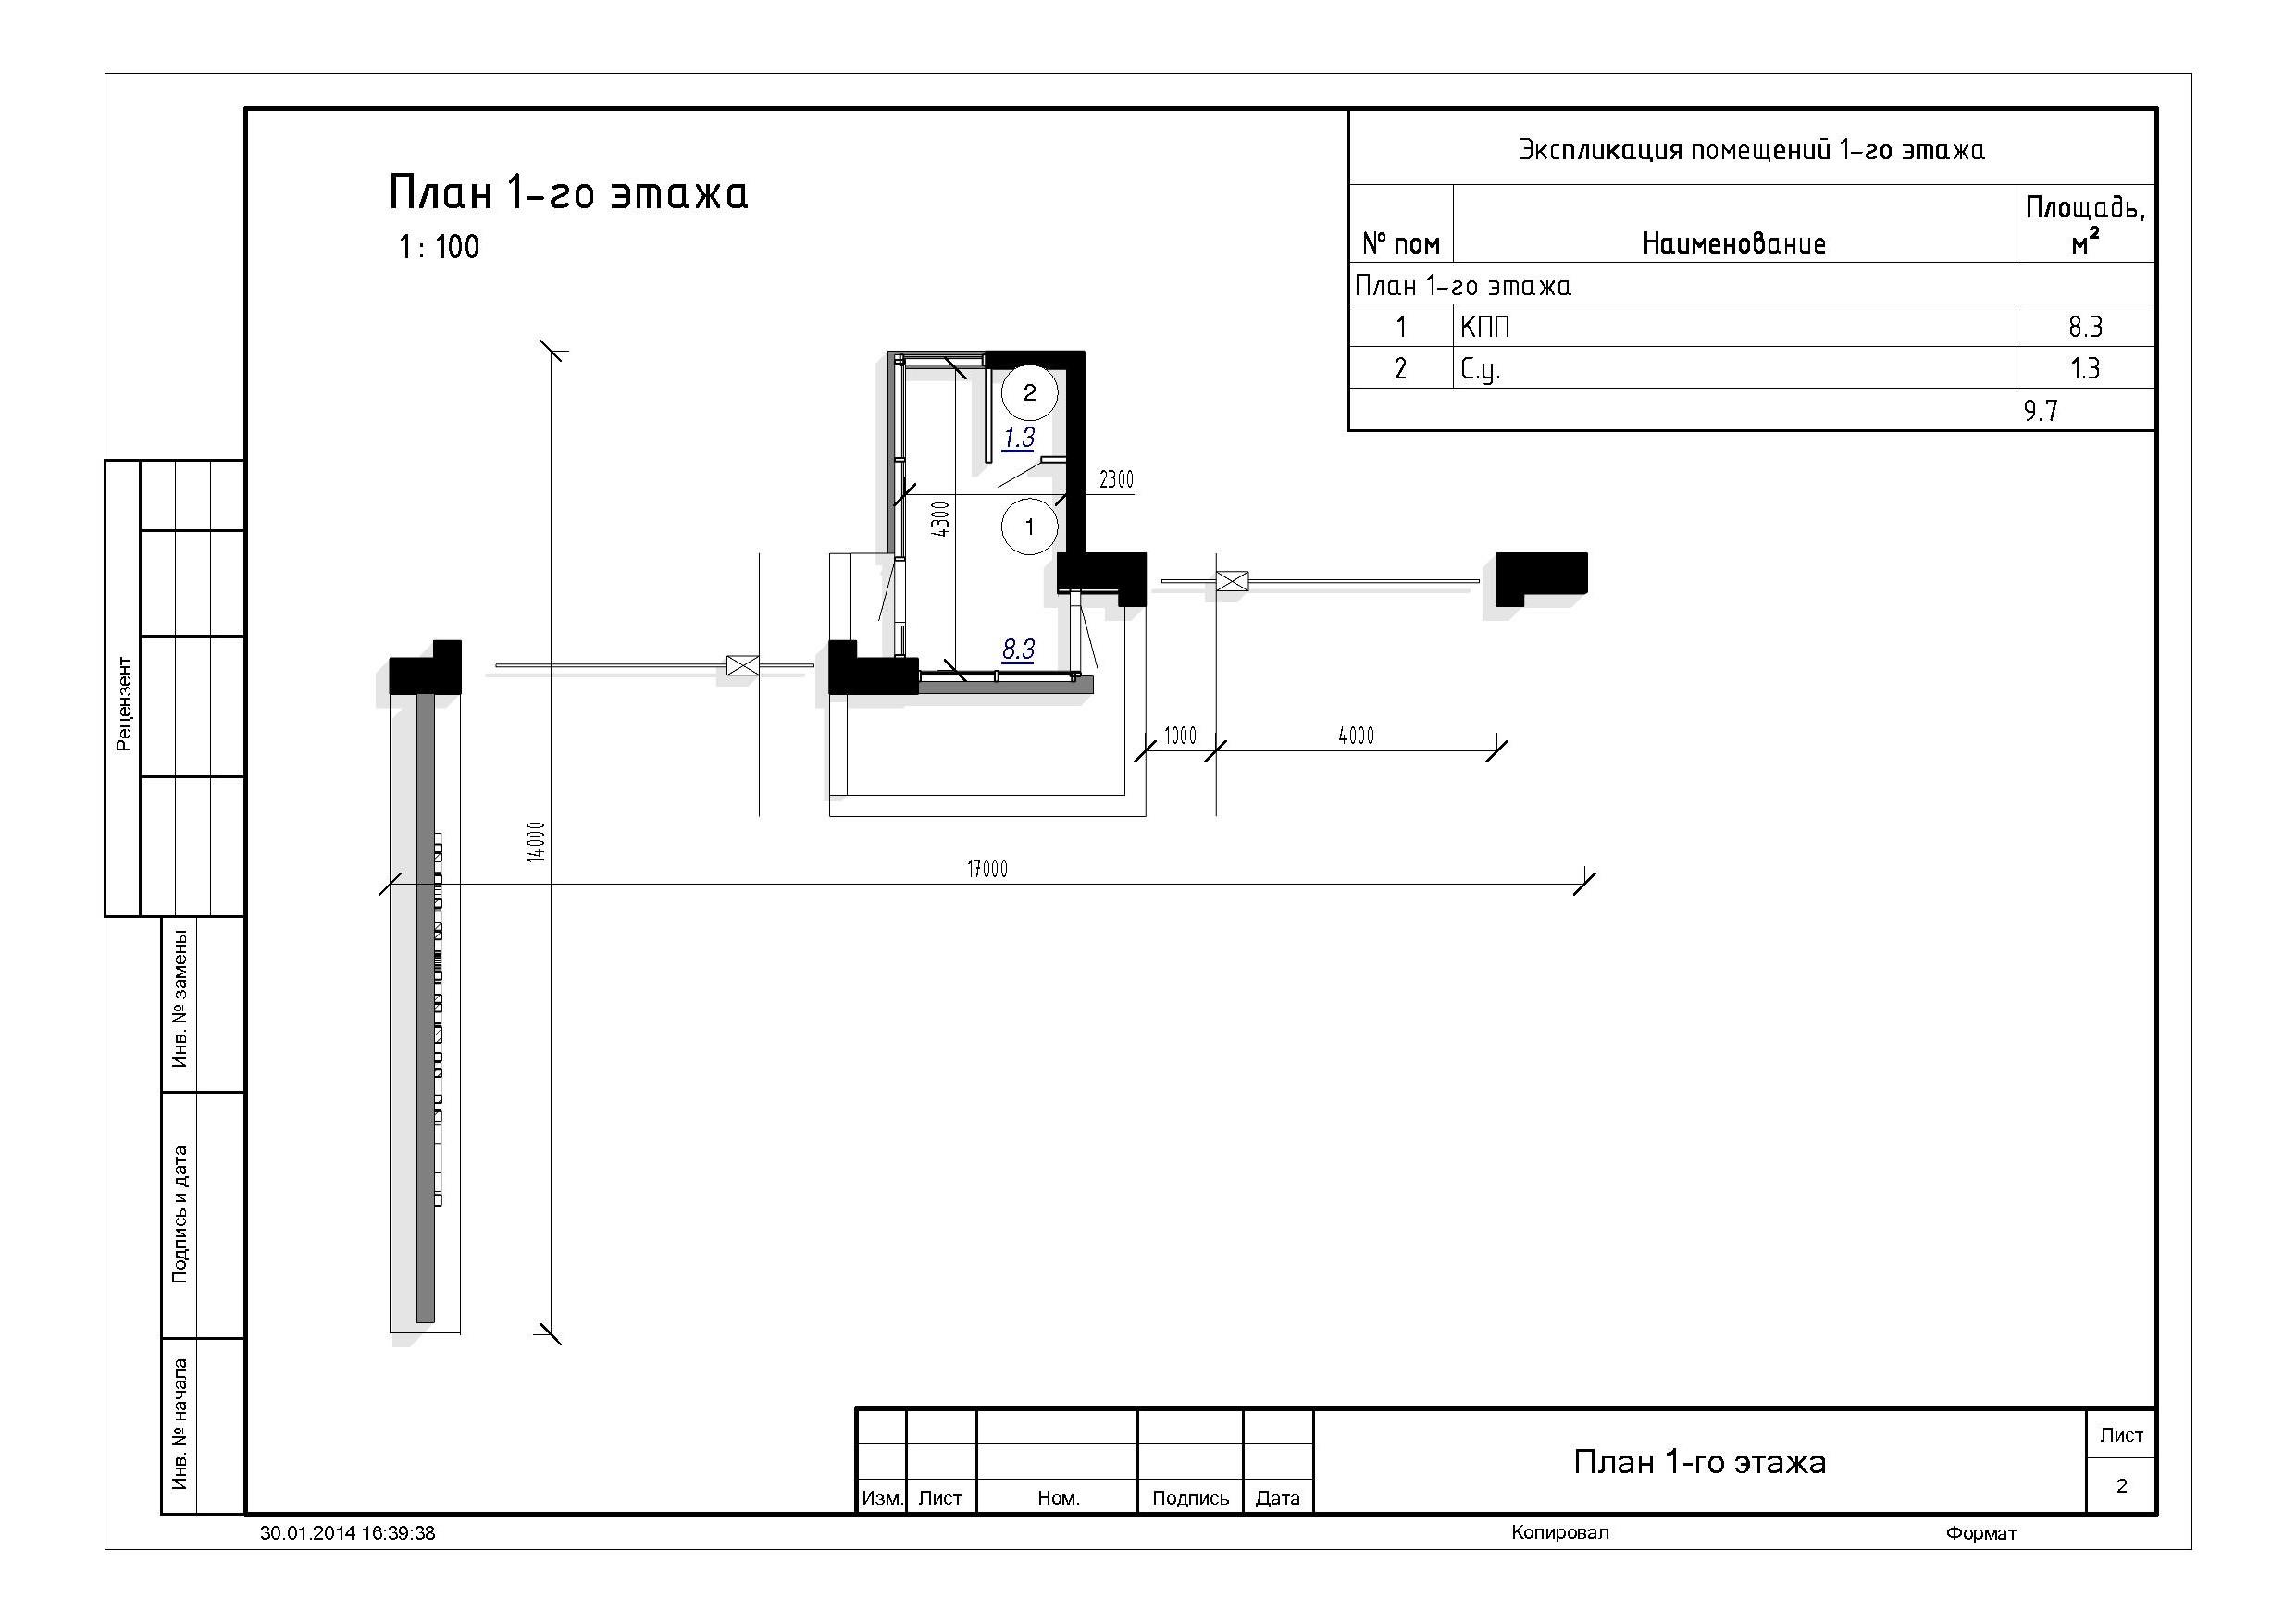 Дизайн Входной группы Торгово Складского Комлекса фото f_68152ea2acf8f48b.jpg